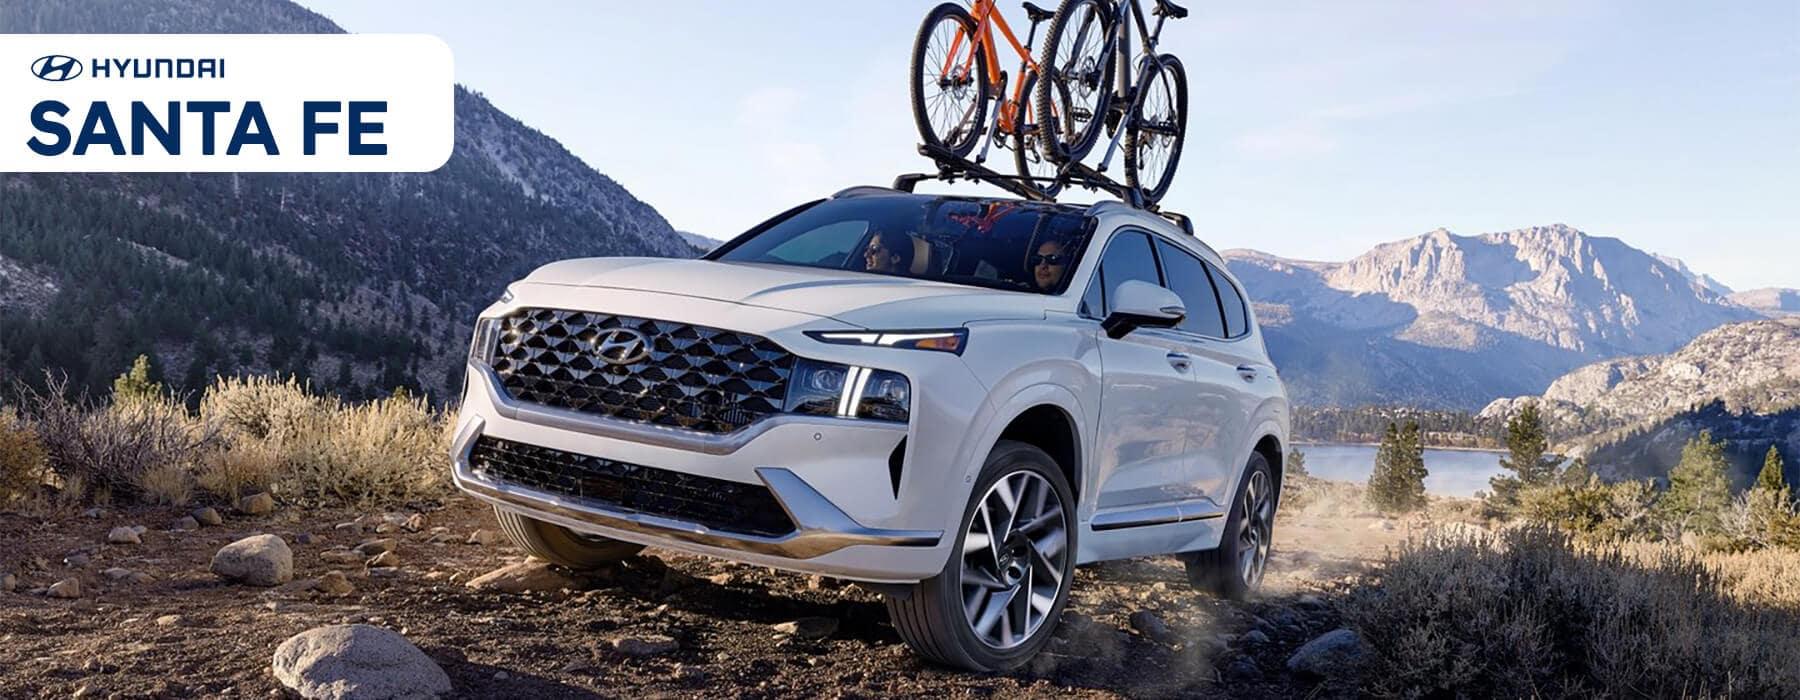 Hyundai SUV Lineup: 2021 Santa Fe Slider